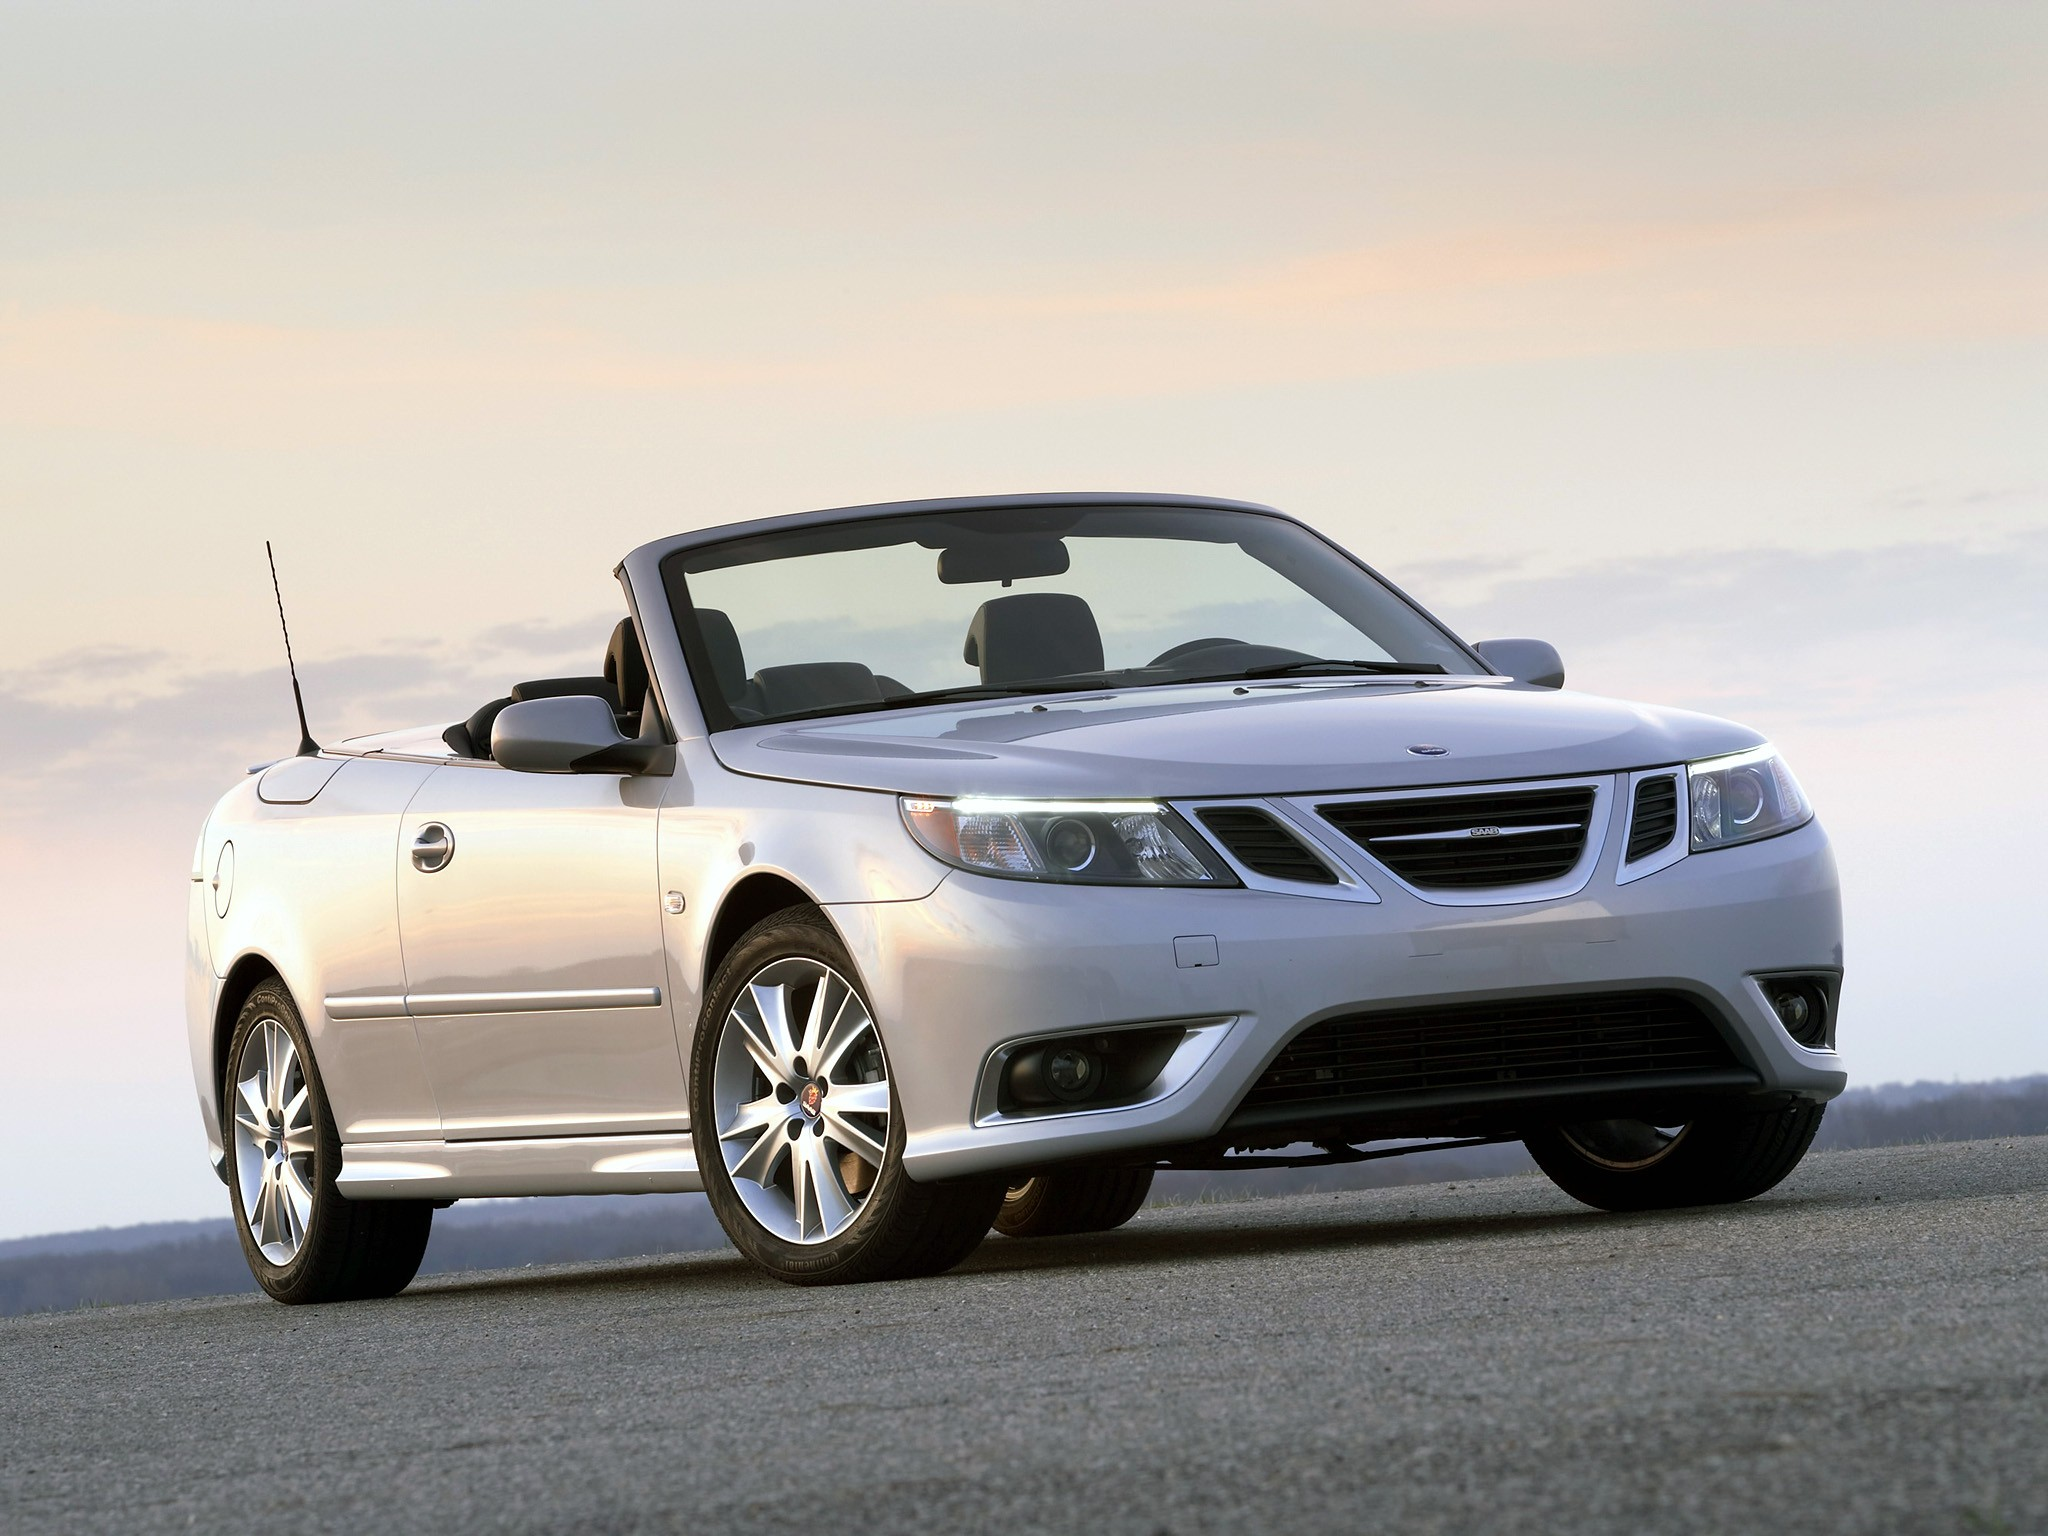 2008 Saab 9 3 Aero >> SAAB 9-3 Convertible - 2009, 2010, 2011, 2012 - autoevolution